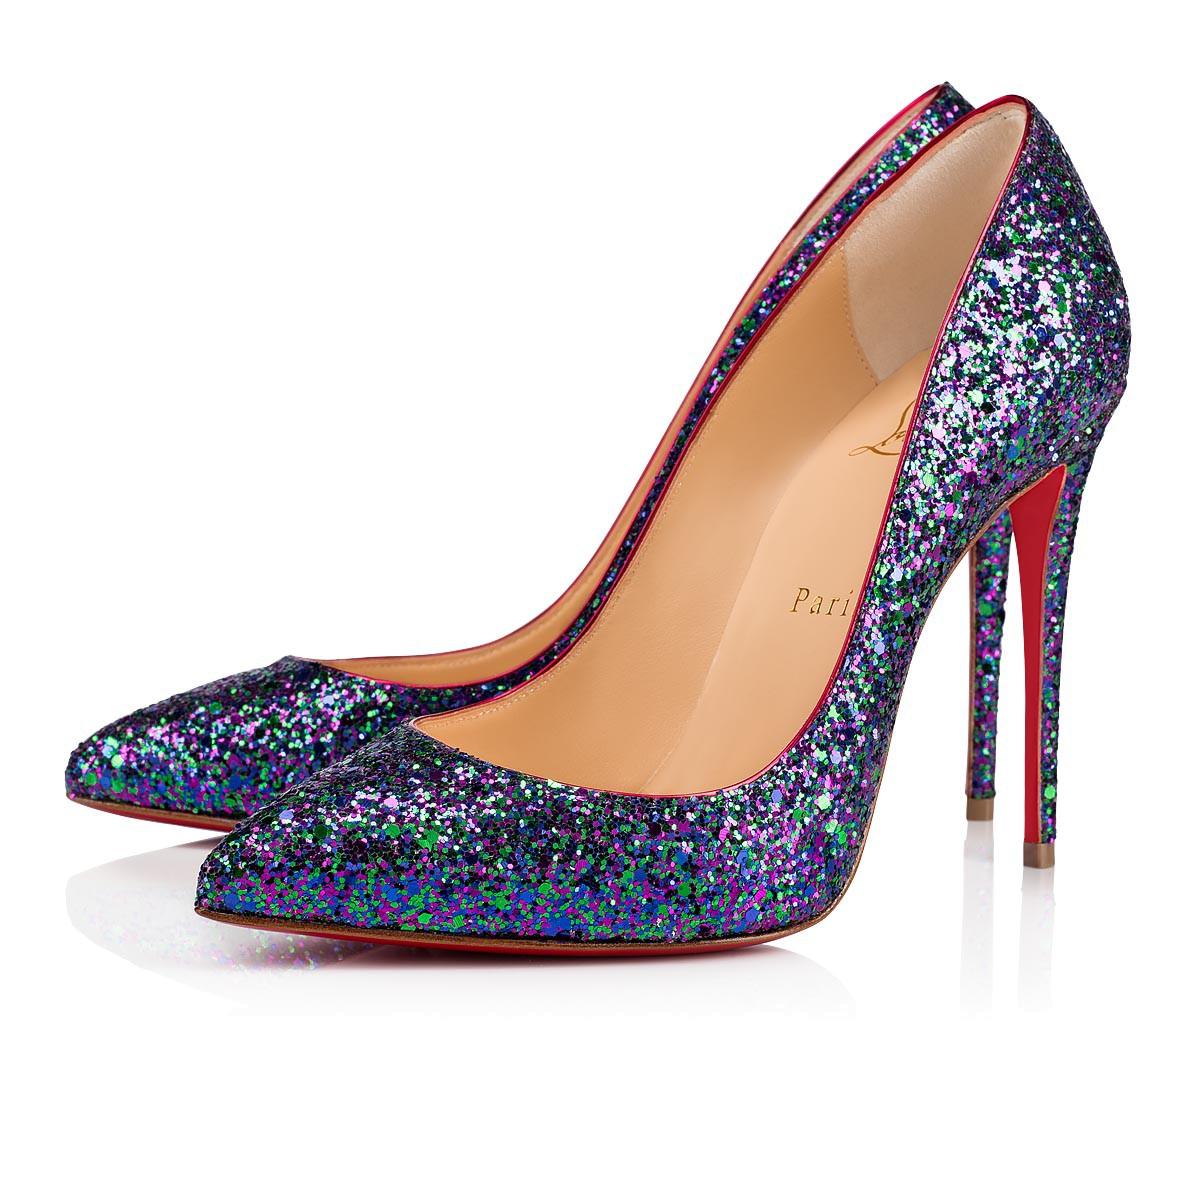 Scarpe a punta glitter multicolor a 560 euro